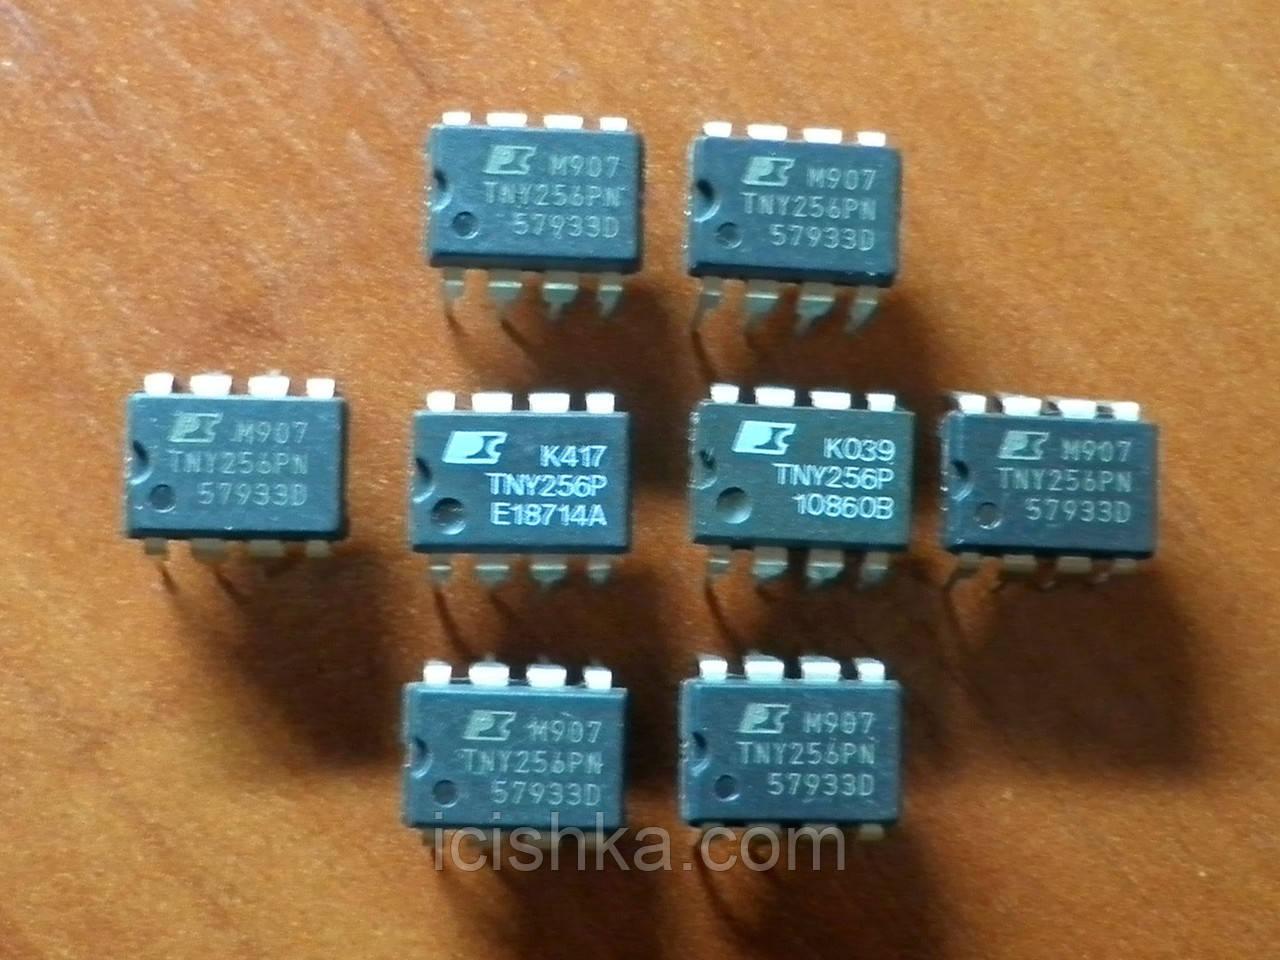 TNY256P / TNY256PN DIP8 - ШИМ контроллер для ИБП